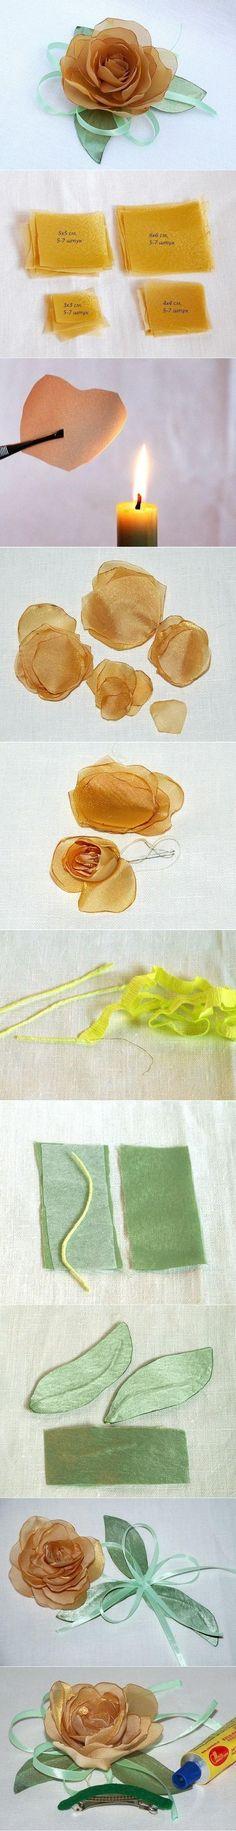 rosa de seda hecha a mano